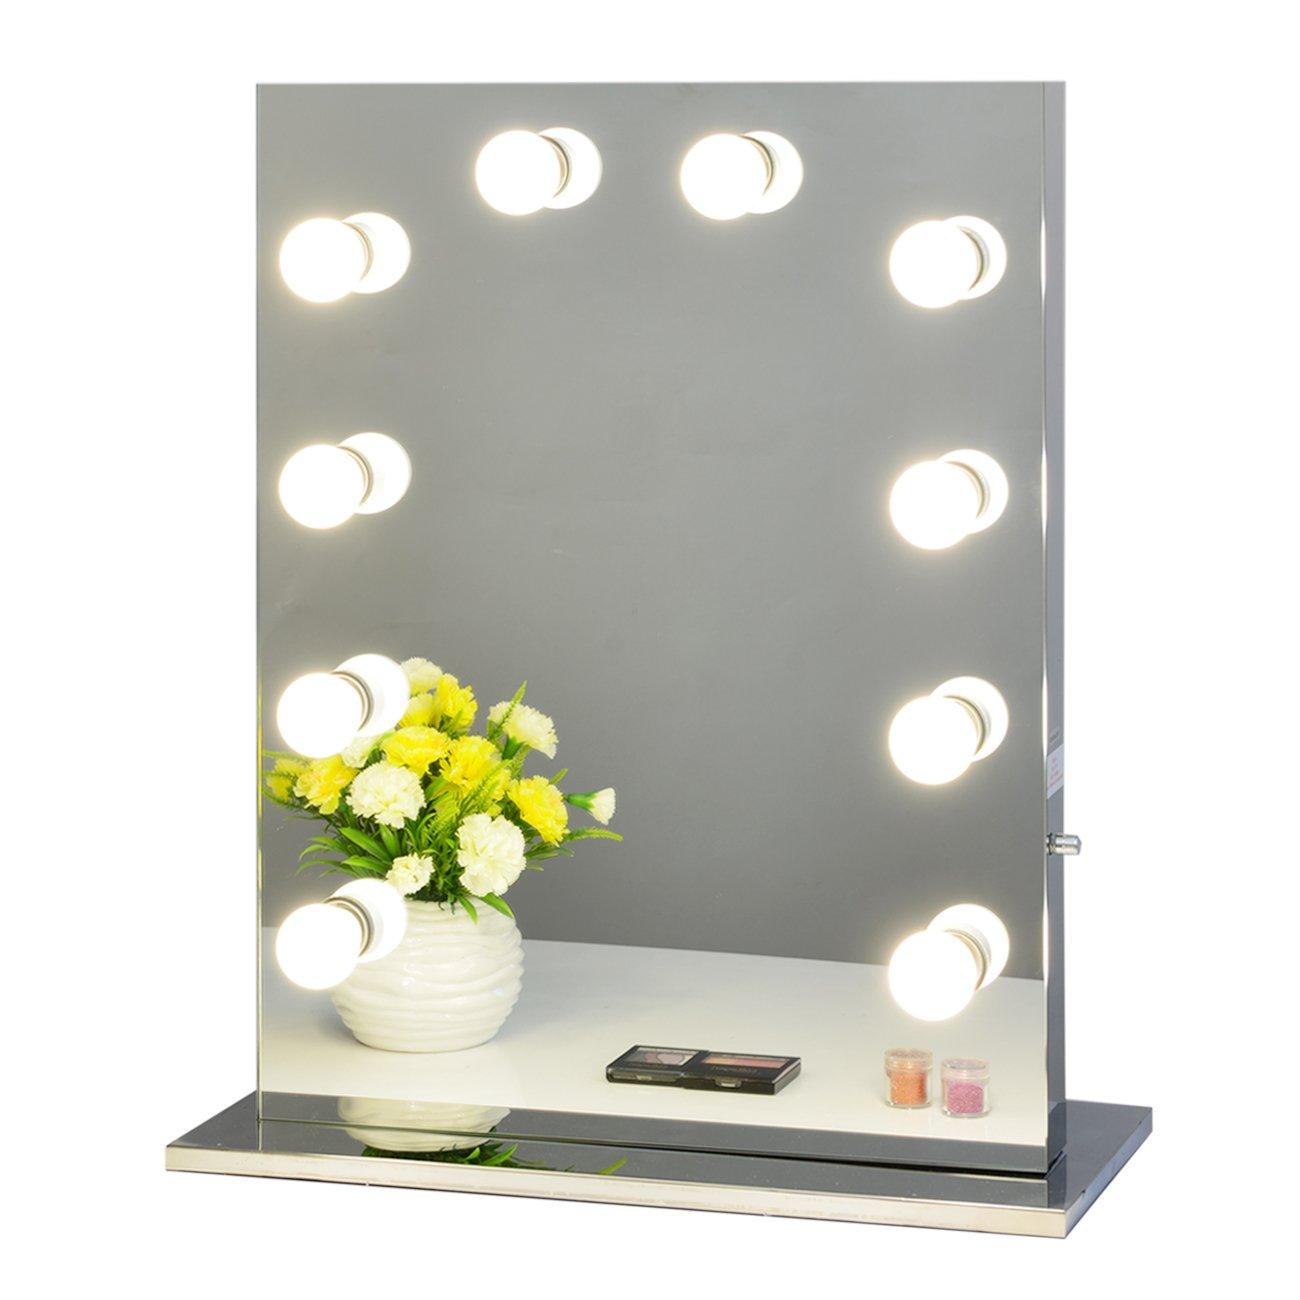 Chende Frameless Hollywood Tabletops Lighted Makeup Vanity Mirror with Dimmer Gift (6550, Frameless)